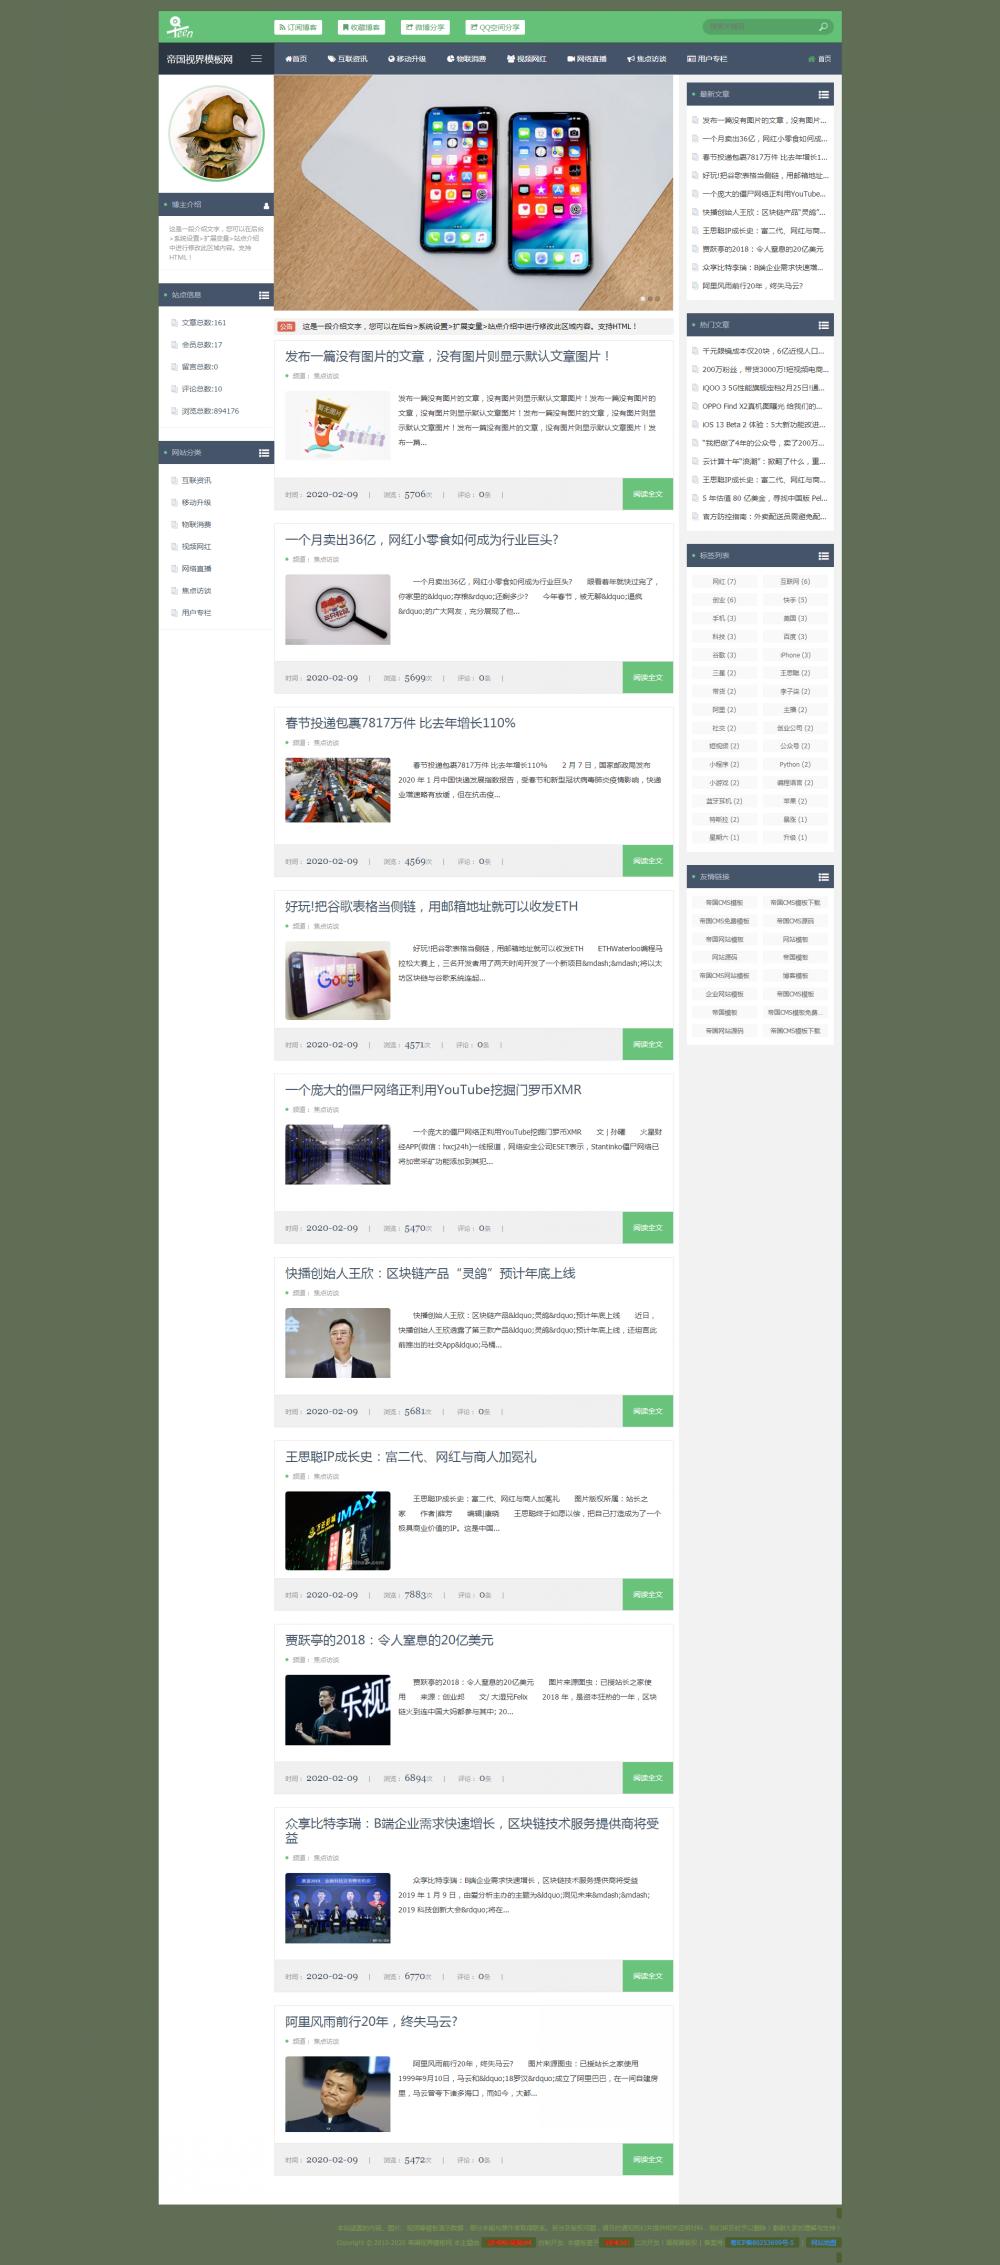 [DG-093]帝国CMS自适应个人博客模板,个人网站博客响应式文章博客模板 [DG-093]帝国CMS自适应个人博客模板,个人网站博客响应式文章博客模板 博客文章 第1张